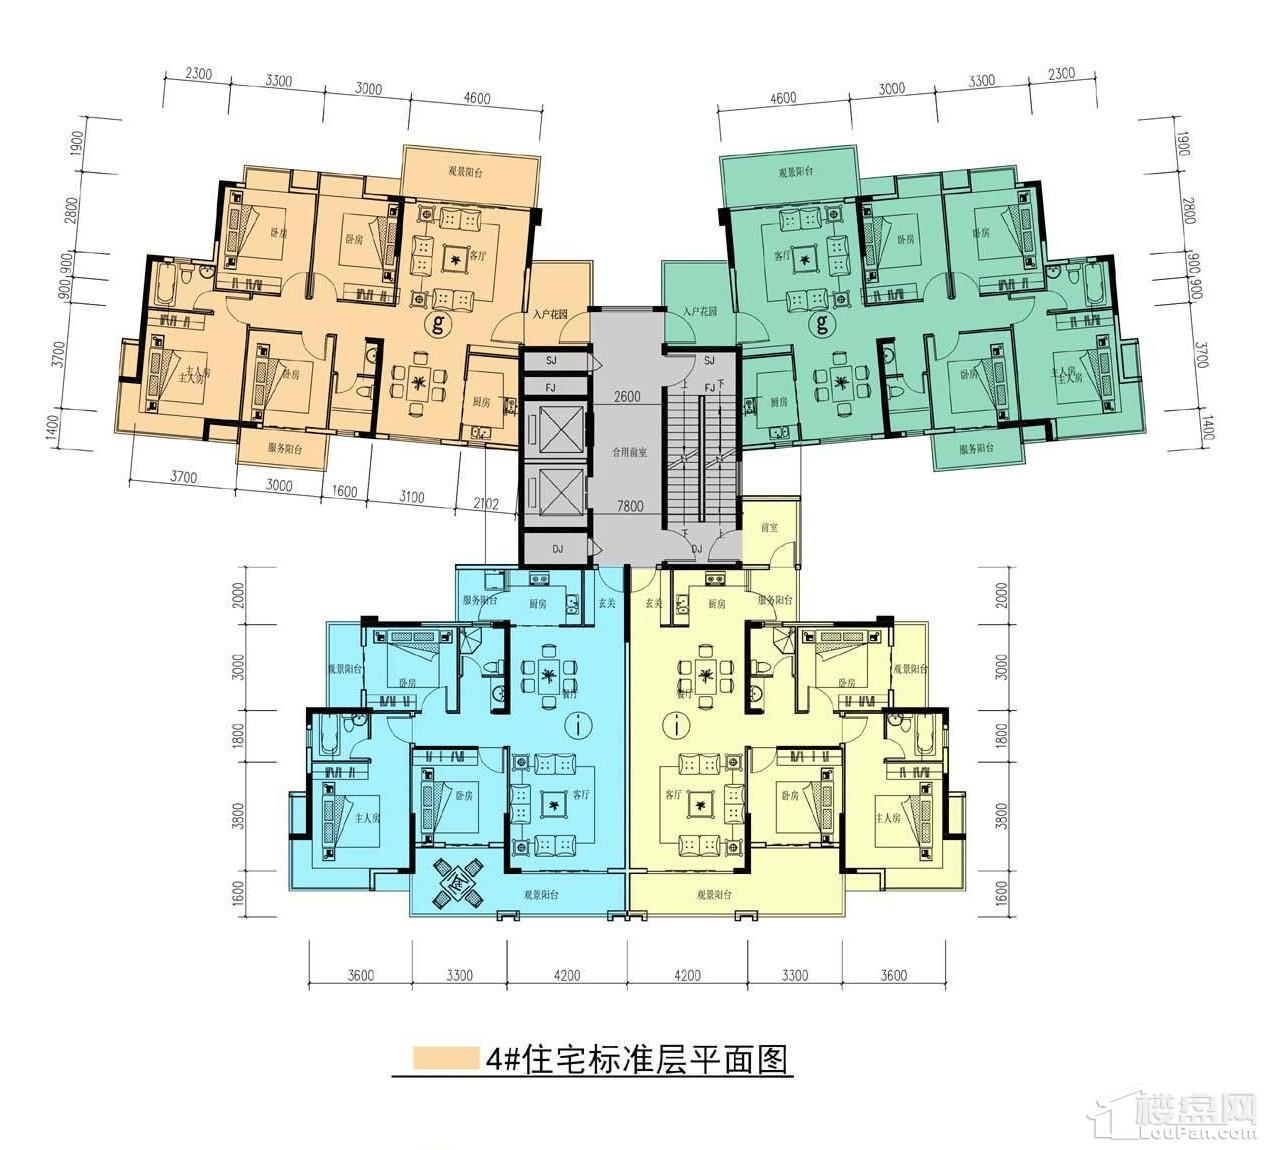 中耀·林溪湾4#栋户型图